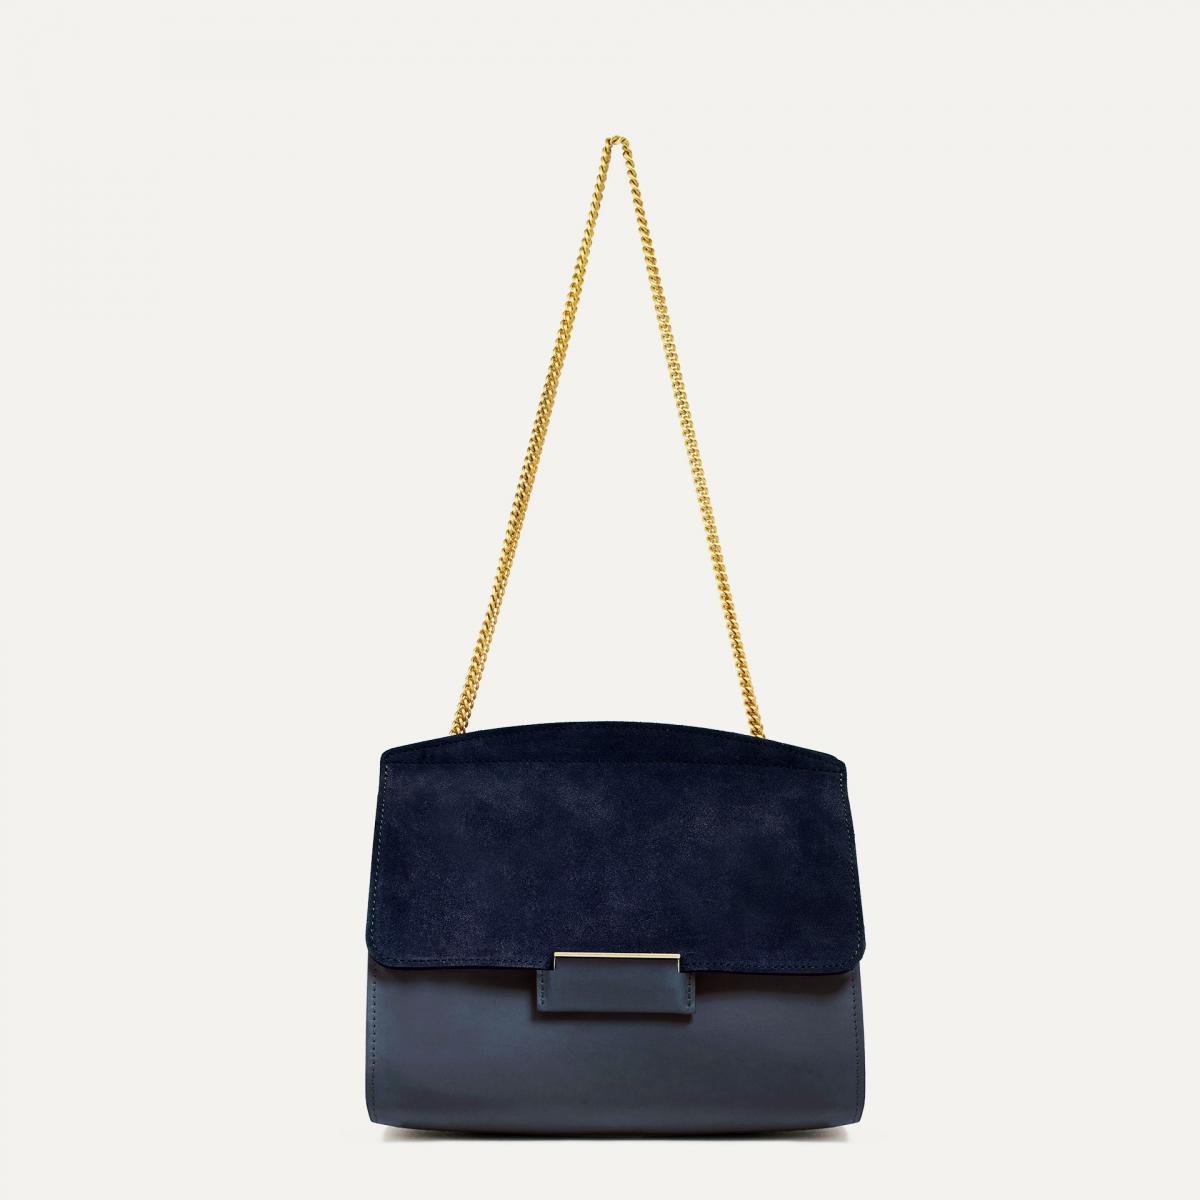 Origami S clutch bag - Marine Blue (image n°1)